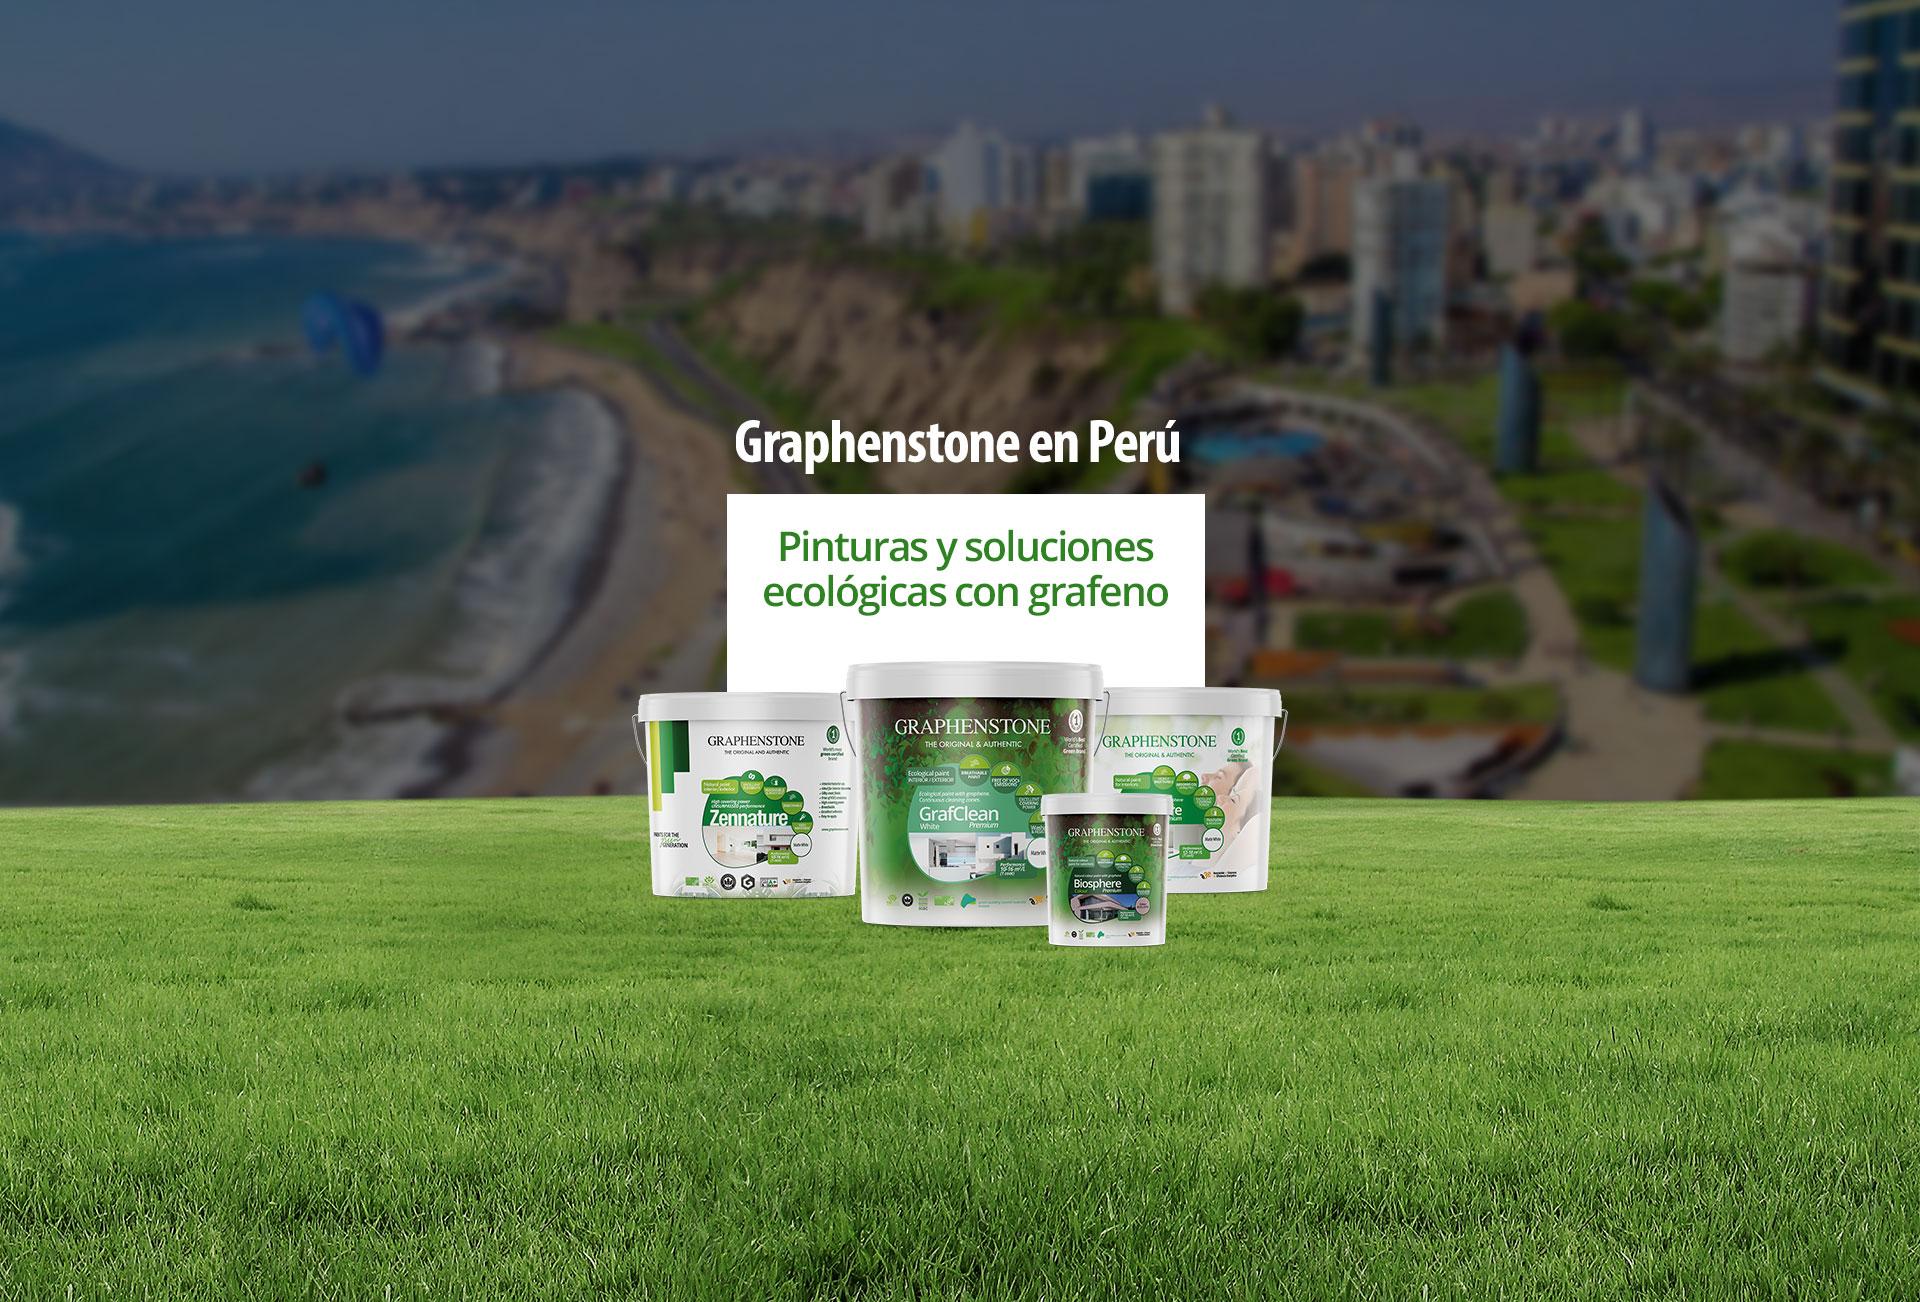 Productos Graphenstone en Perú